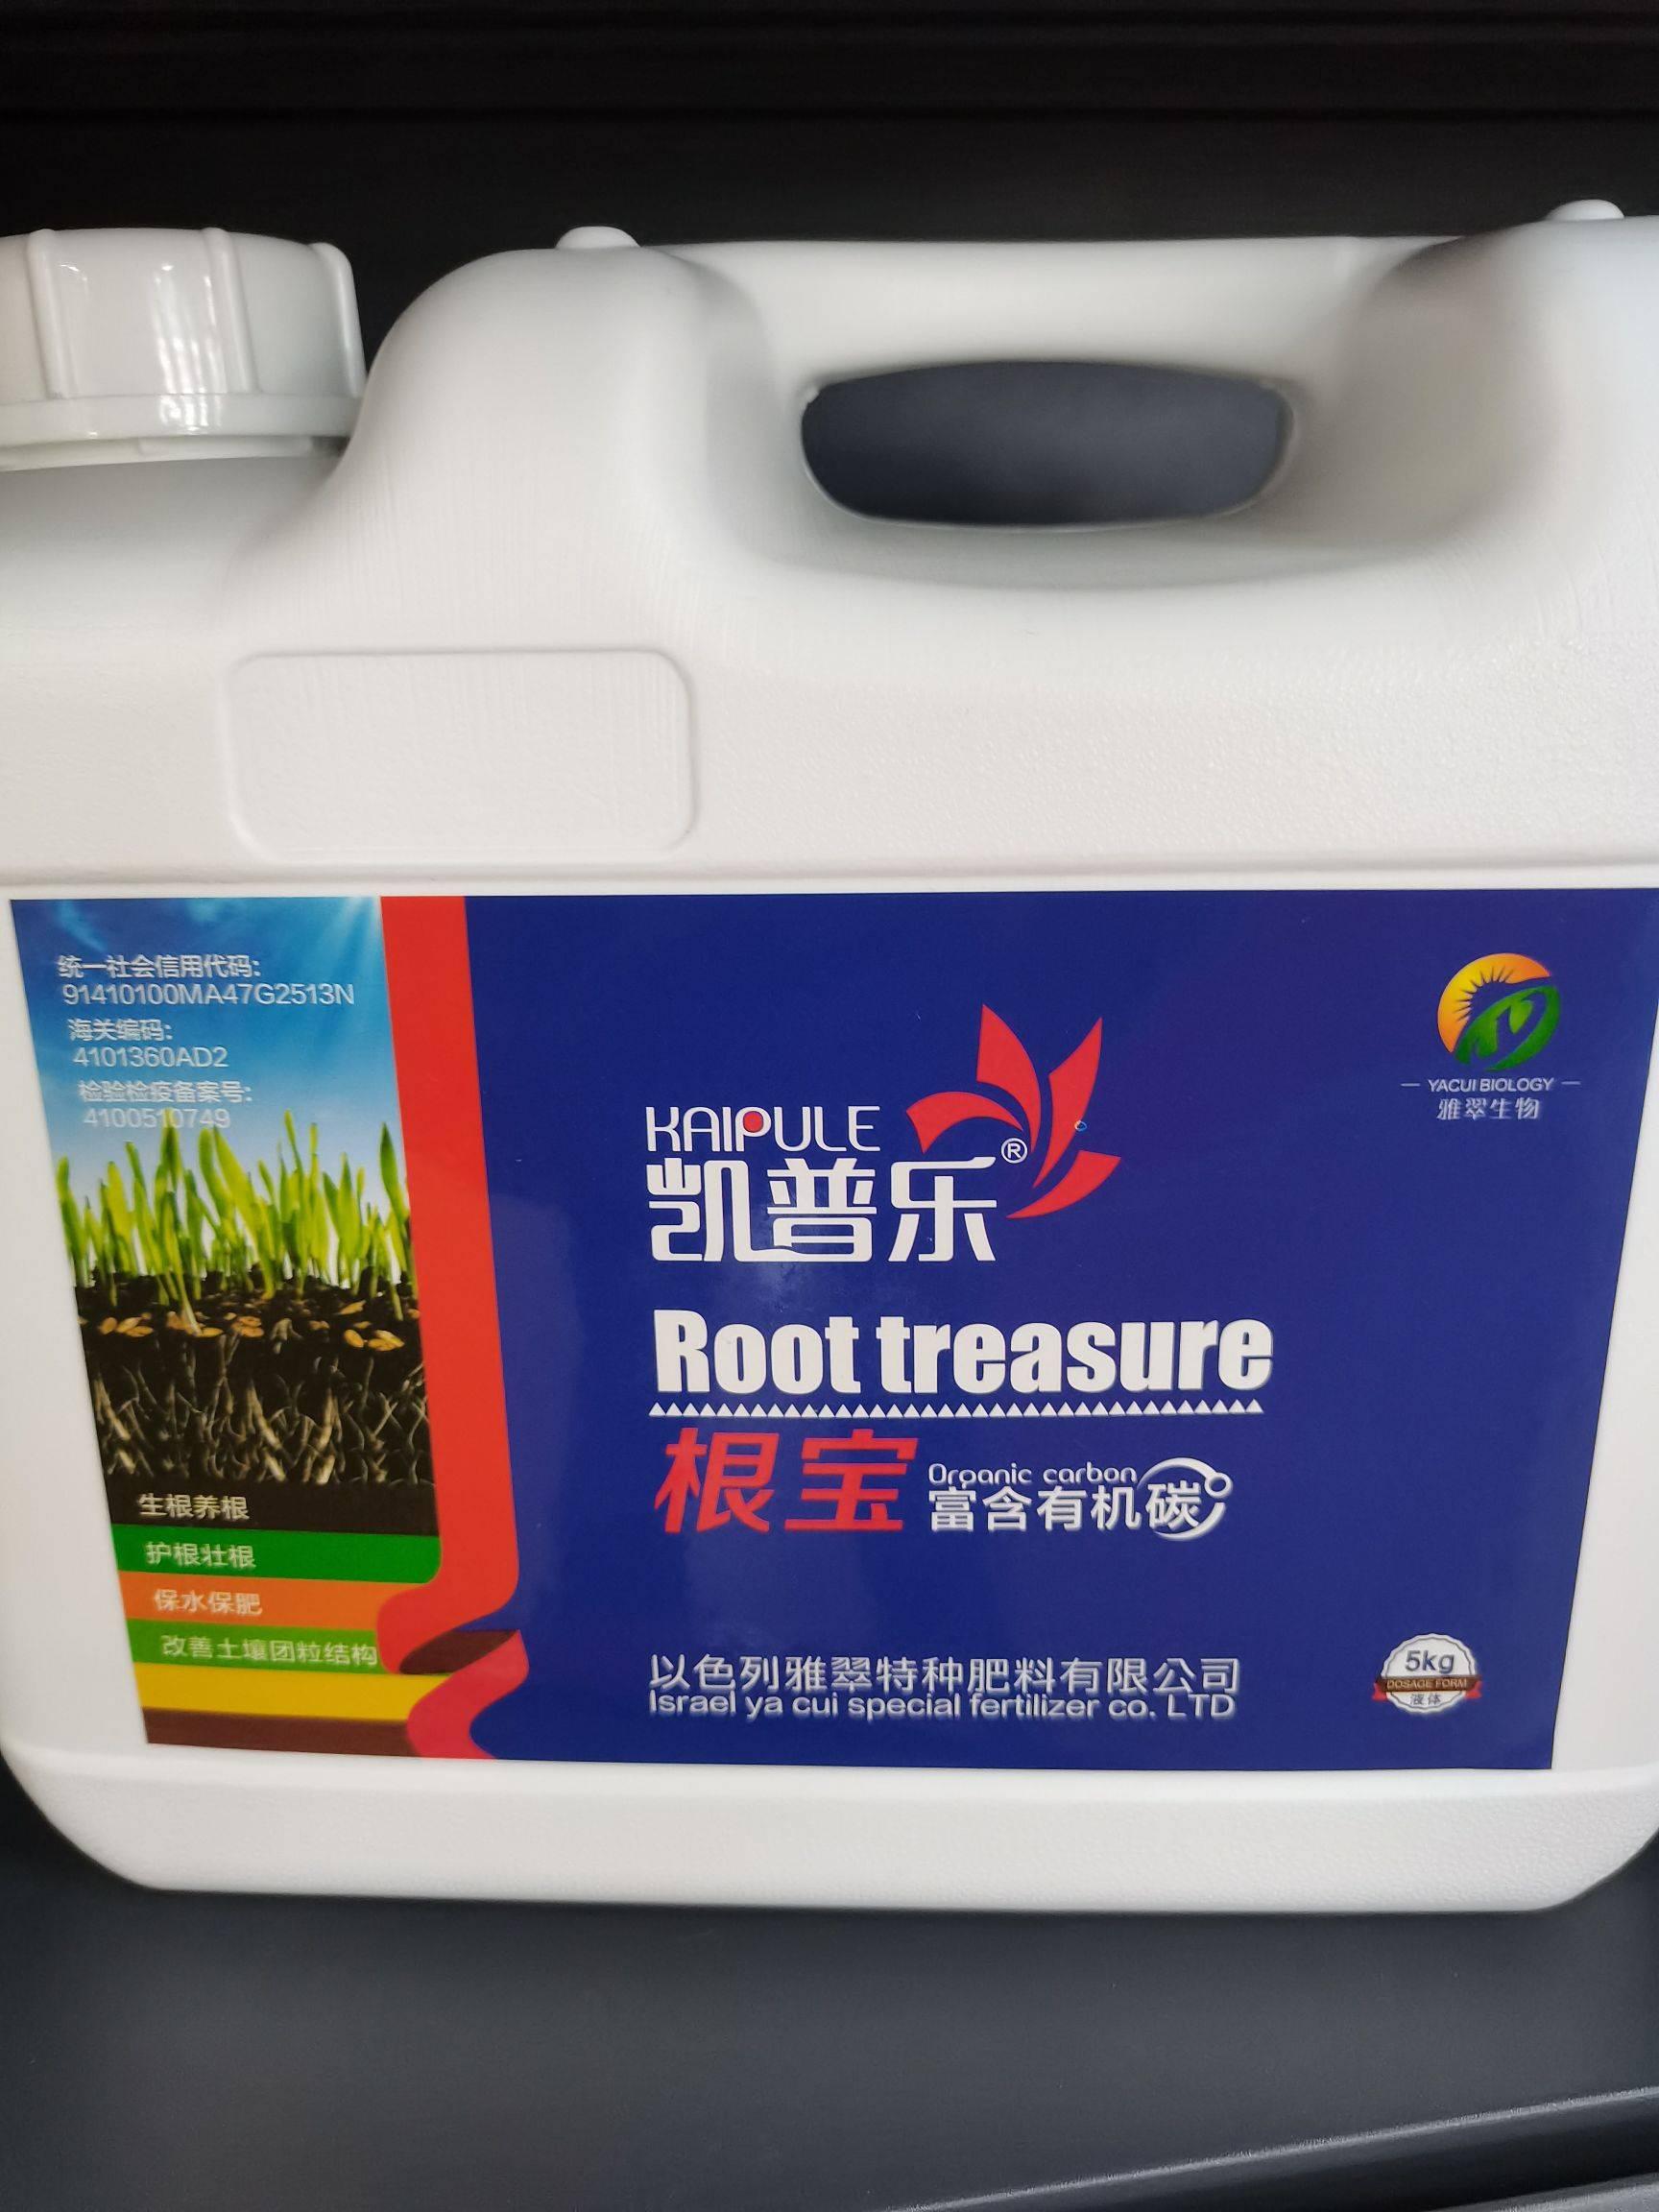 [复合微生物菌剂批发]复合微生物菌剂 护根壮根保水保肥 24小时吸收35天长出白须根价格240元/桶